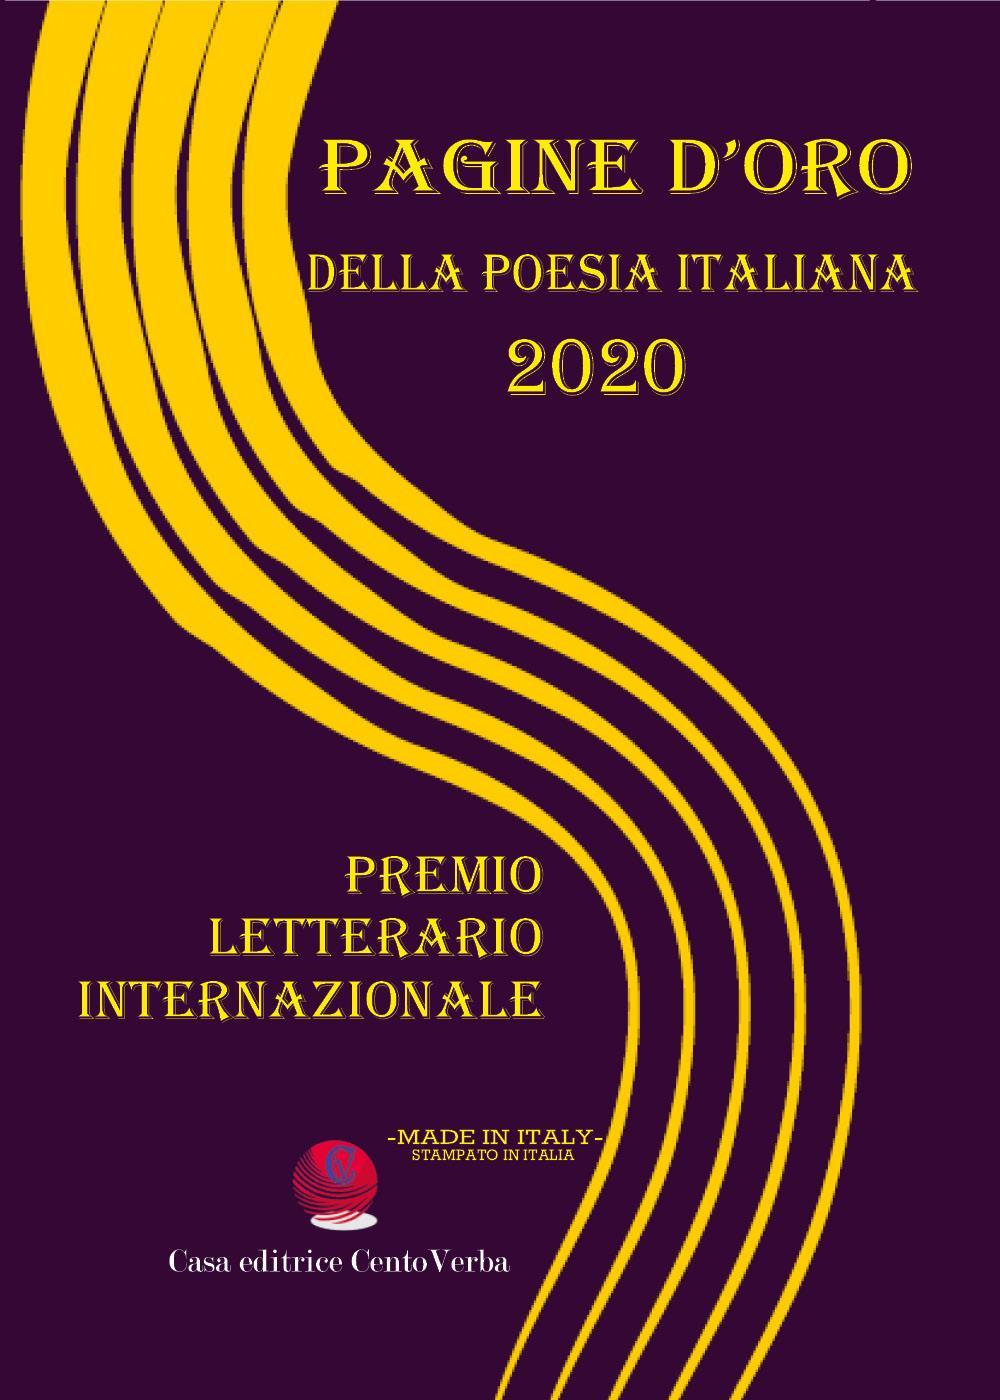 Pagine D'Oro della Poesia Italiana 2020